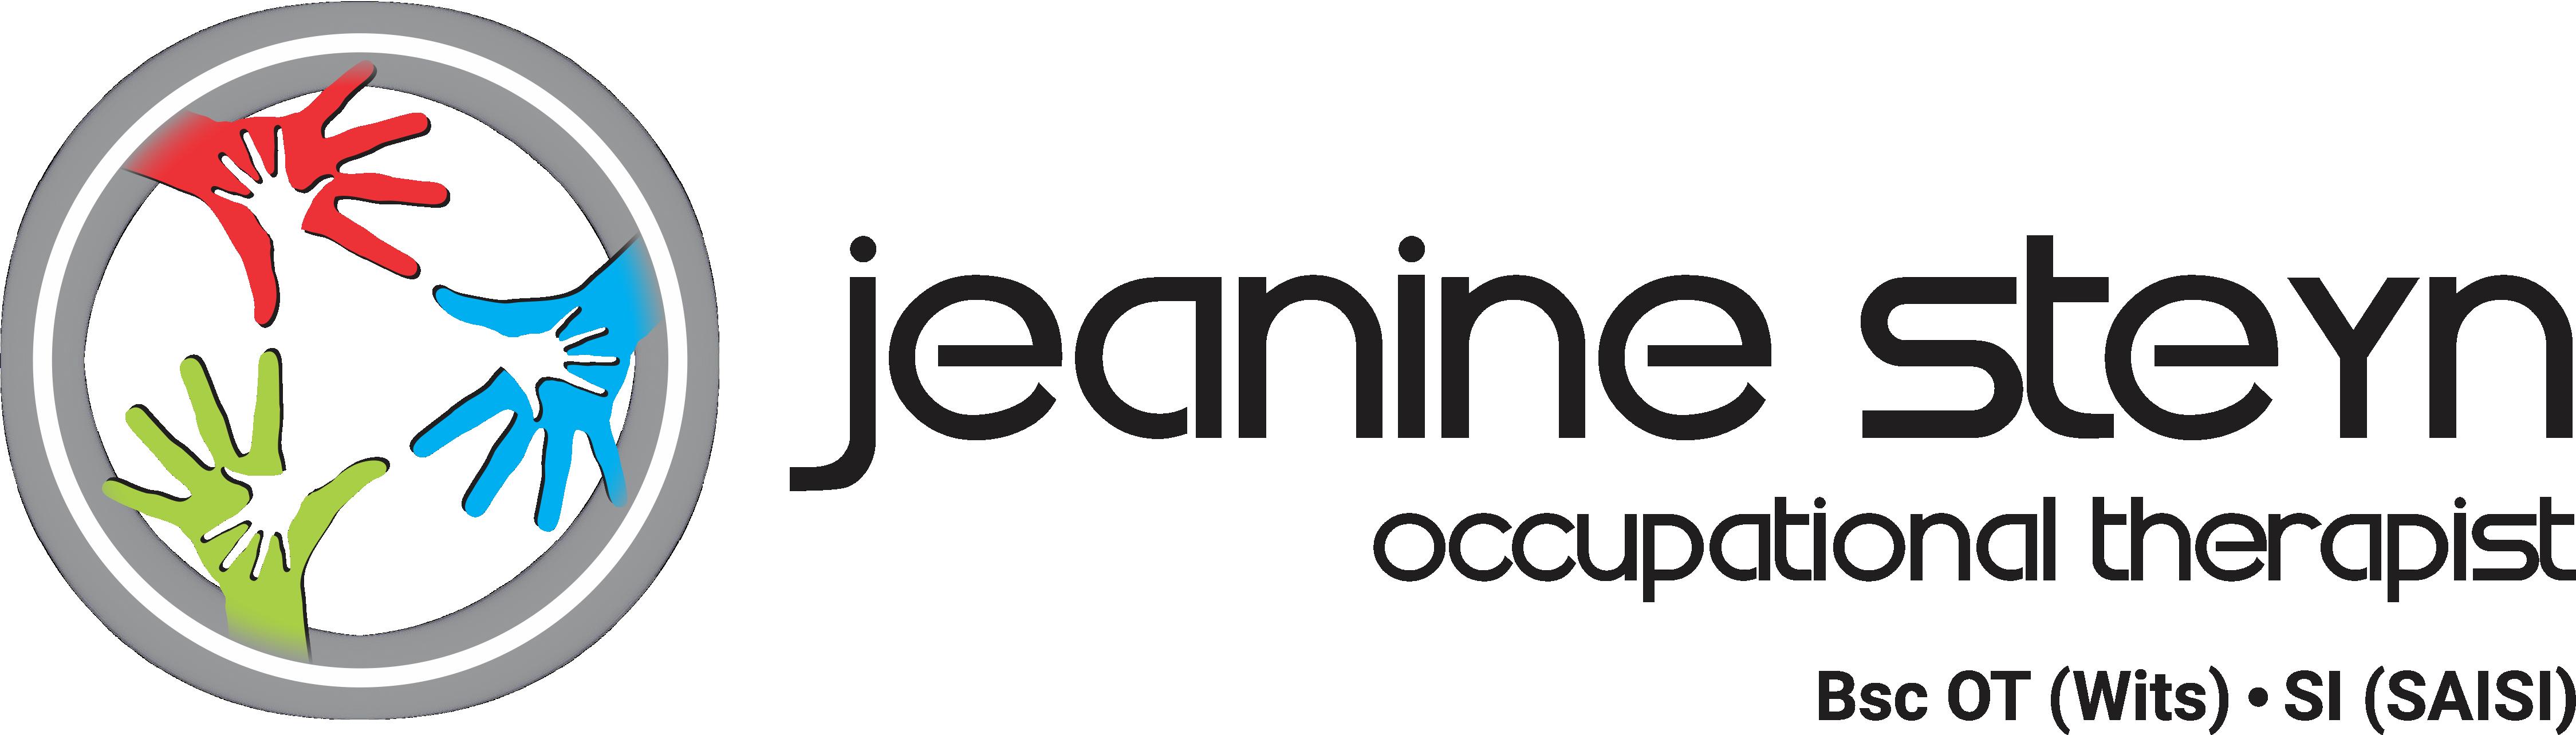 Jeanine Steyn Occupational Therapist